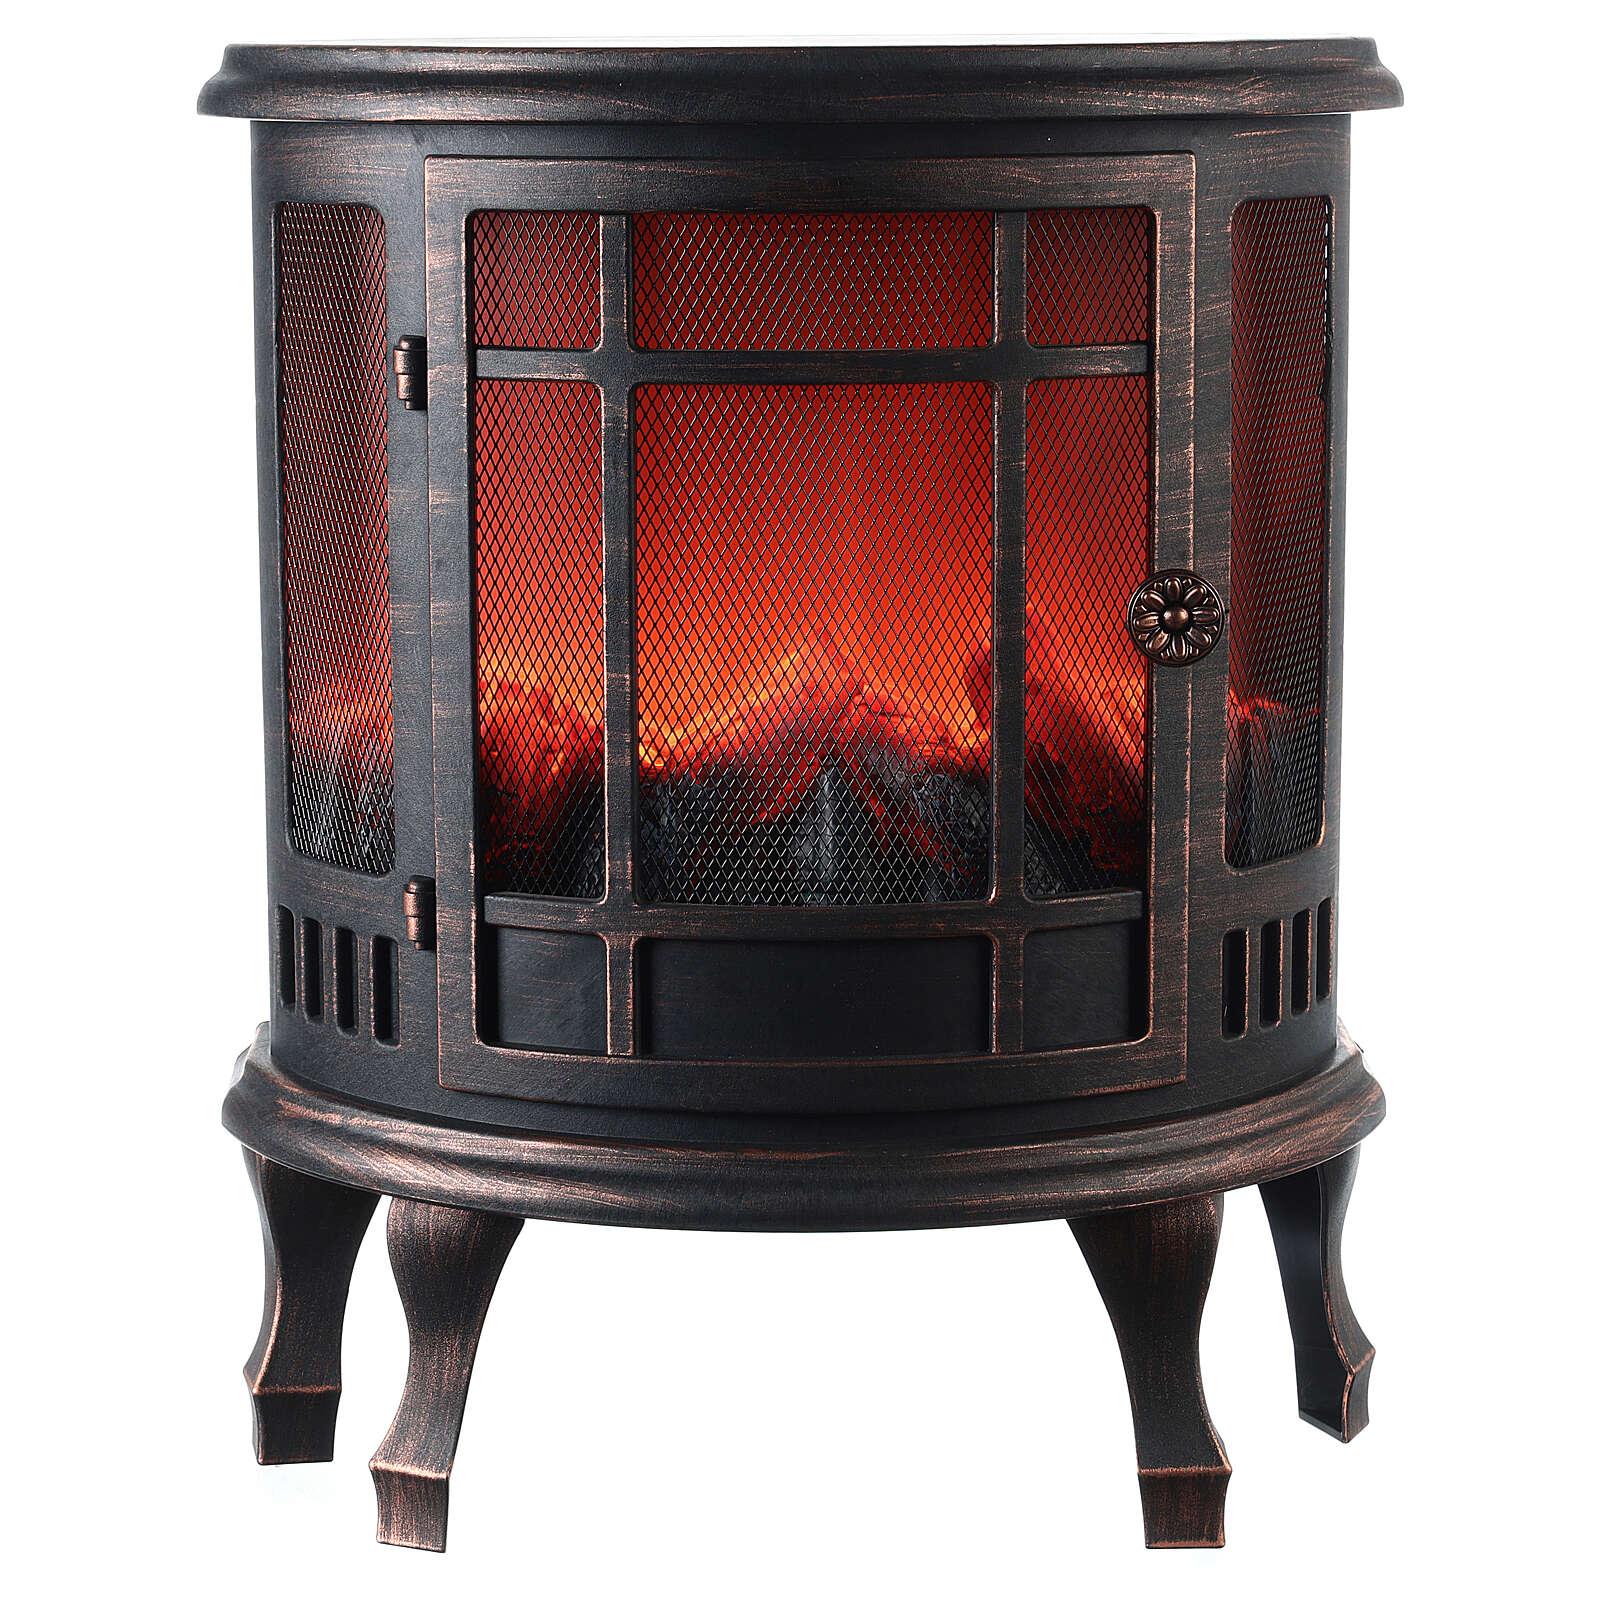 Ancien poêle à bois effet flamme LED 55x45x25 cm